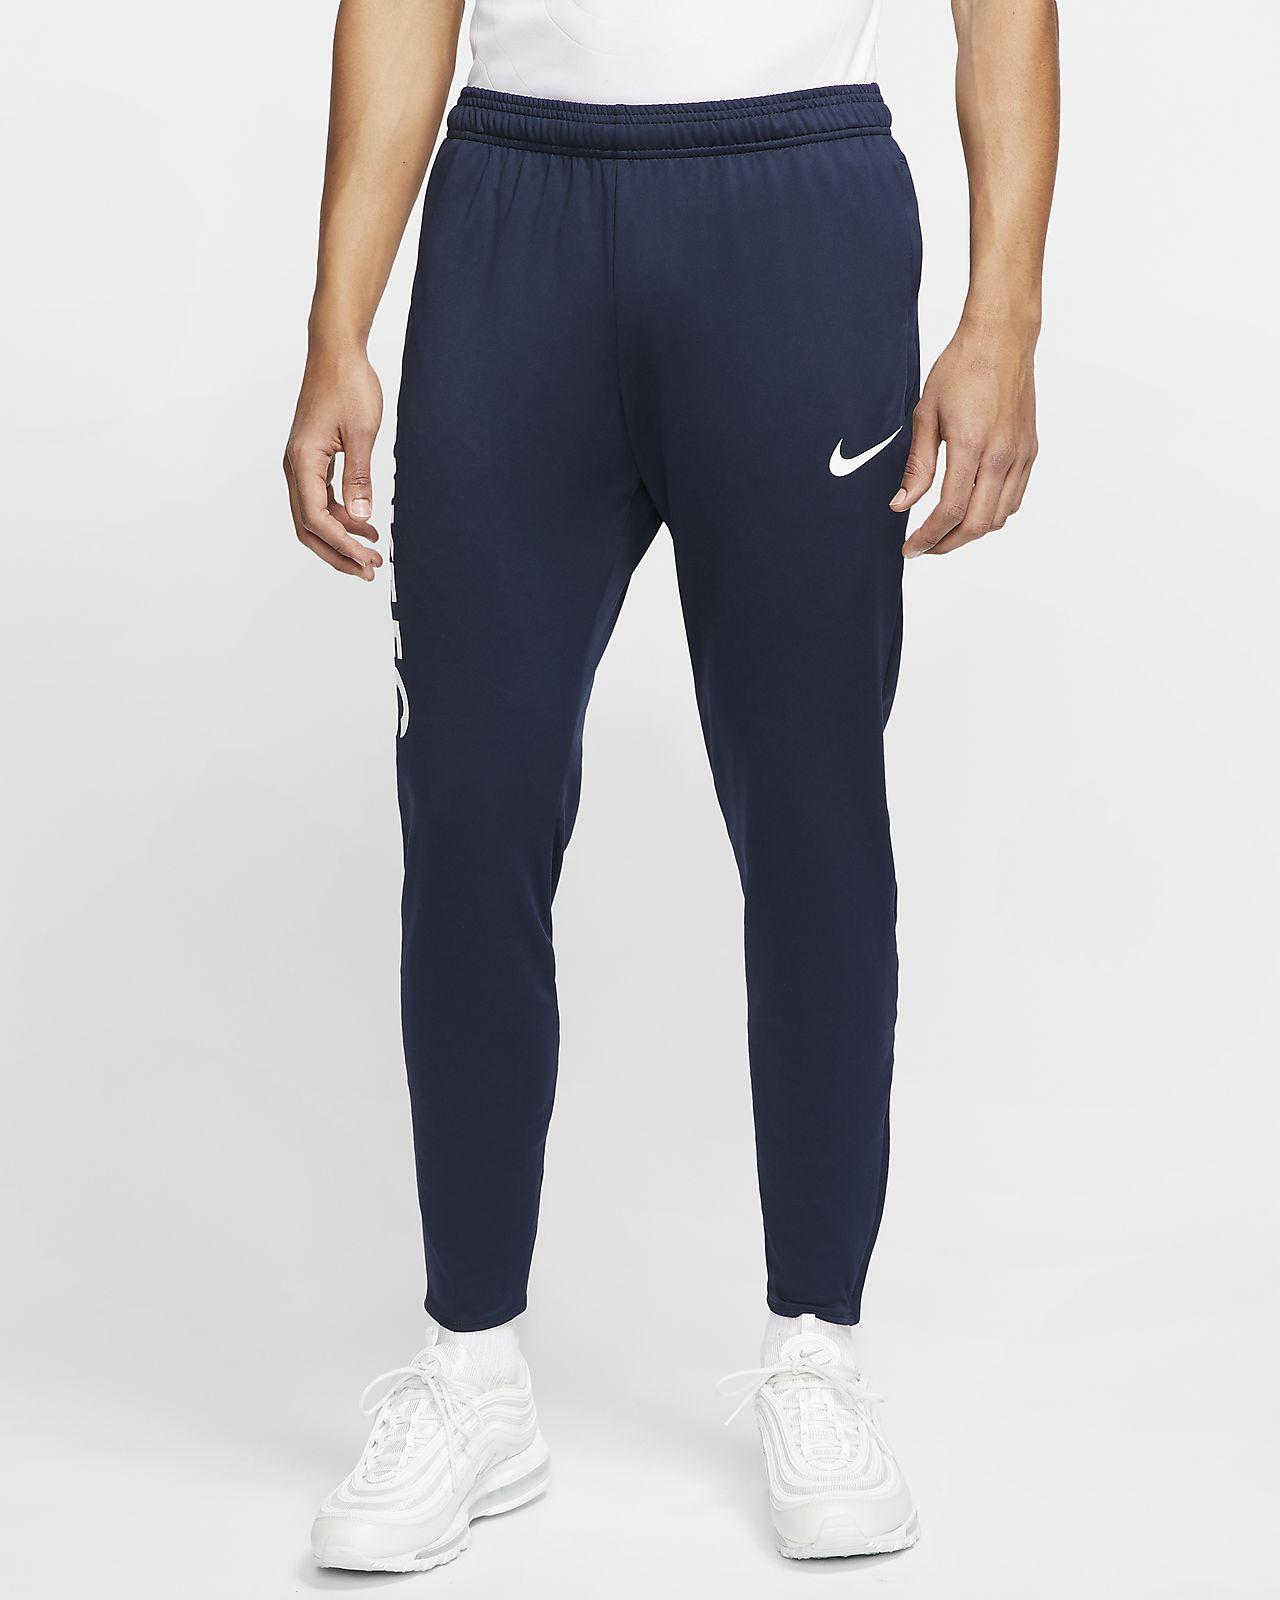 Pantalones de fútbol para hombre Nike F.C. Essential